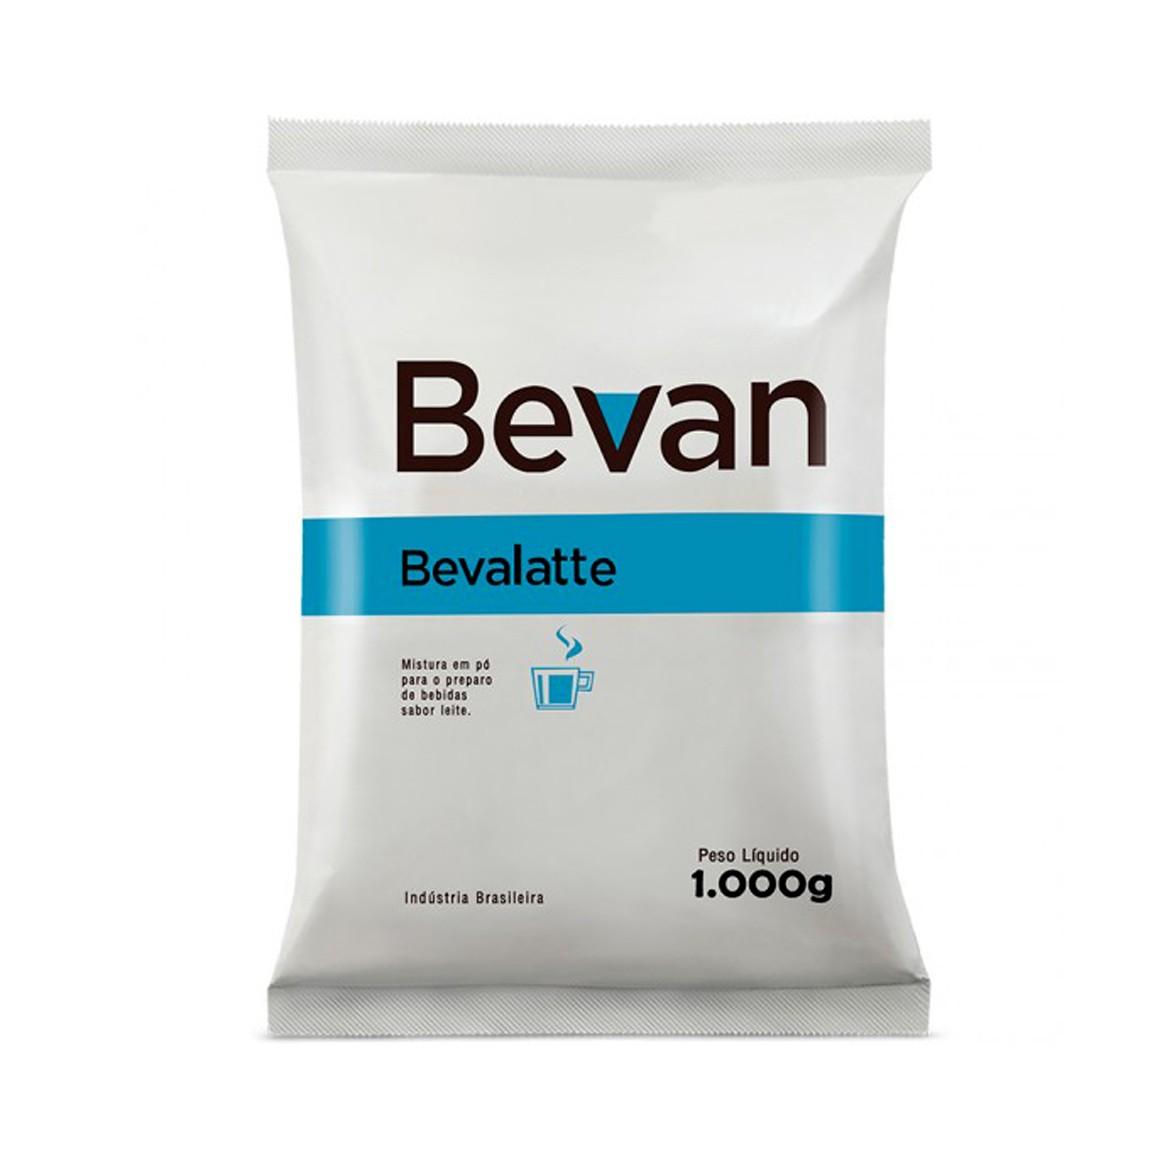 Leite em Pó Solúvel Integral Bevan Bevalatte 1,050Kg